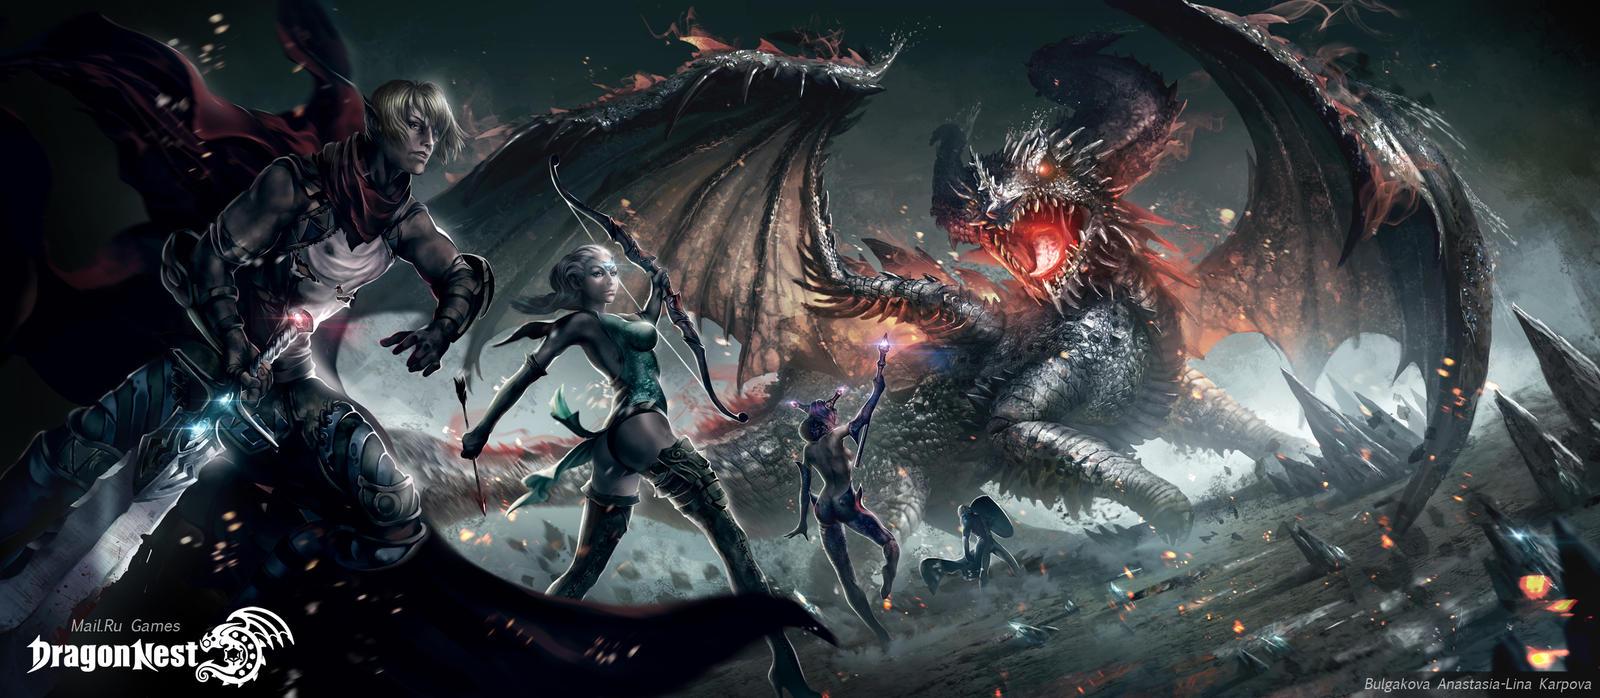 Dragon Nest by Sinto-risky